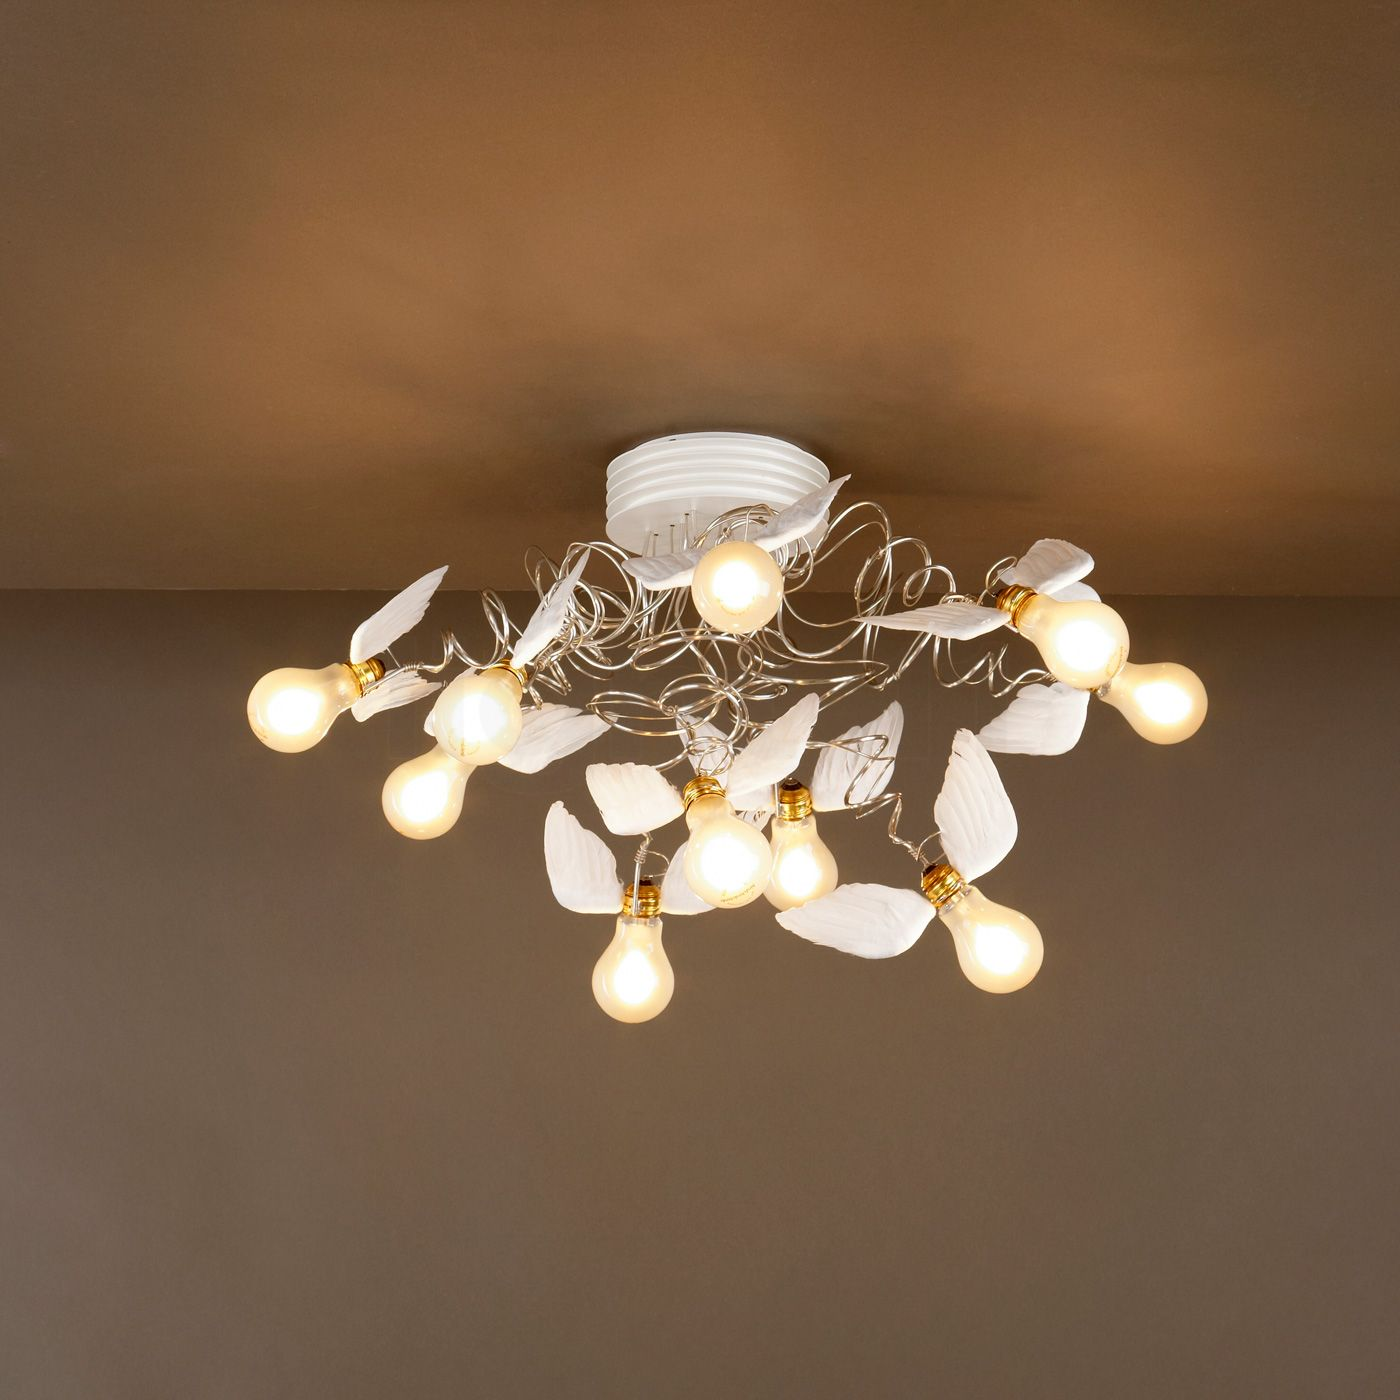 Lampen Kaufen Online Excellent Gallery Of Lampen Online: Ingo Maurer Lampen Gebraucht. Gallery Of Lampen